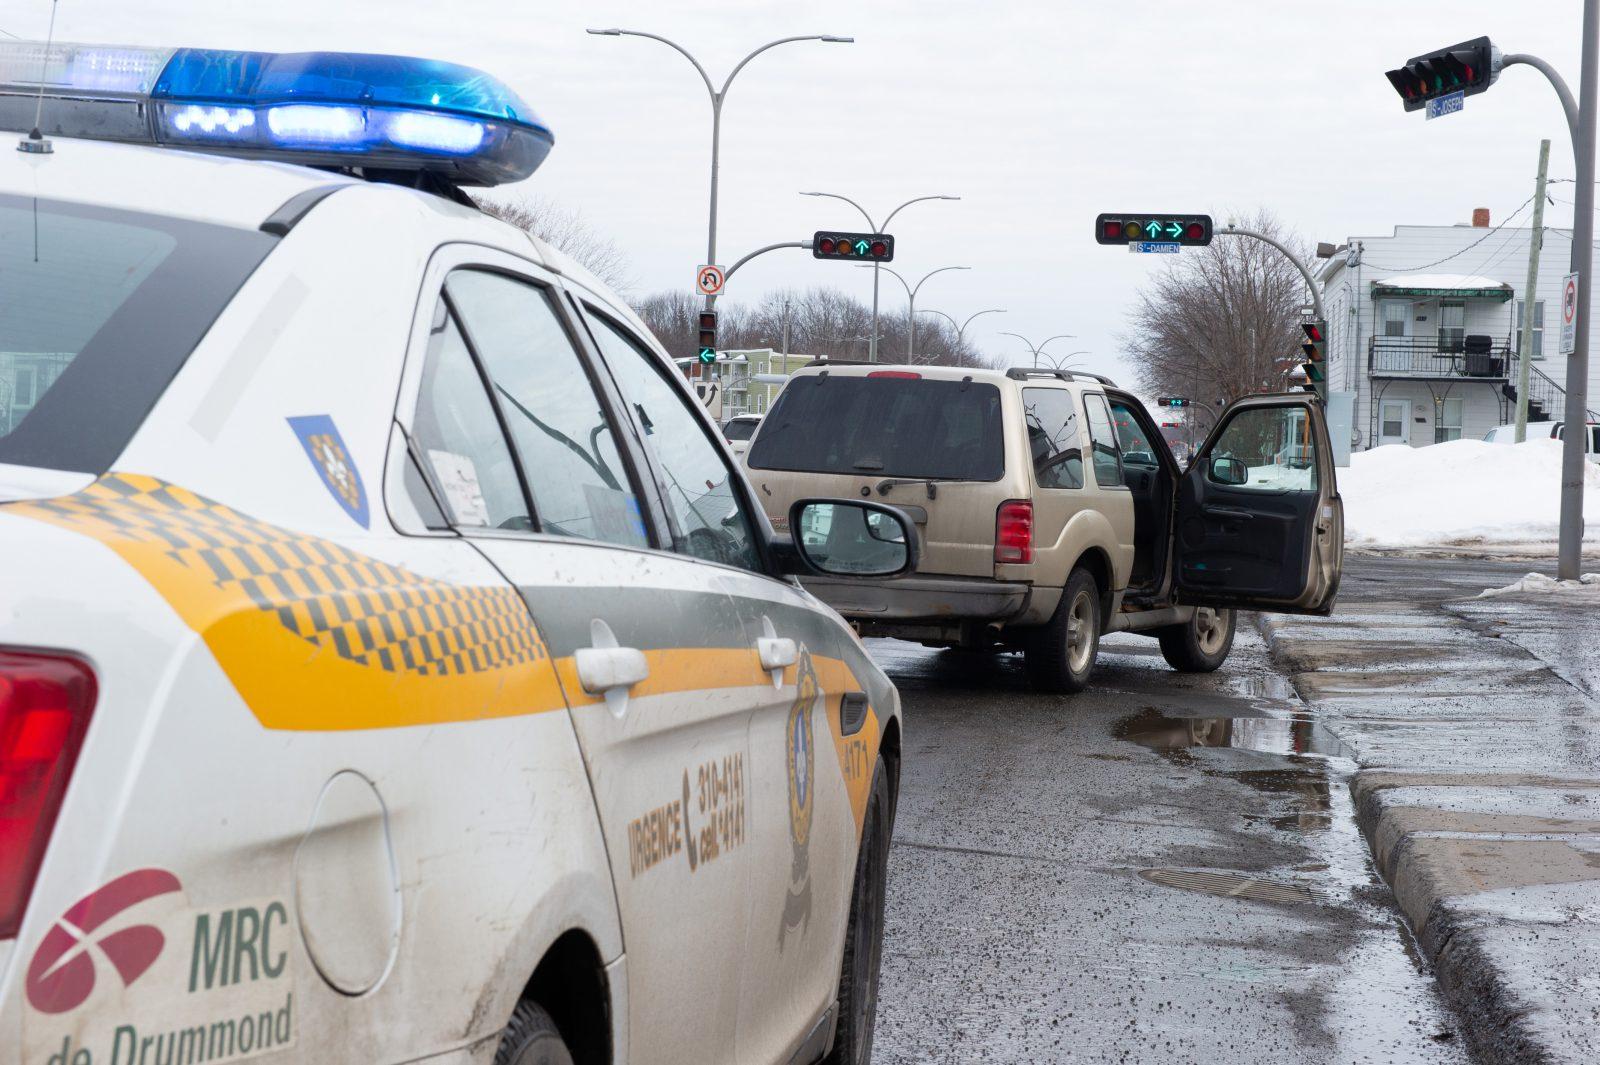 Deux suspects arrêtés pour un vol qualifié